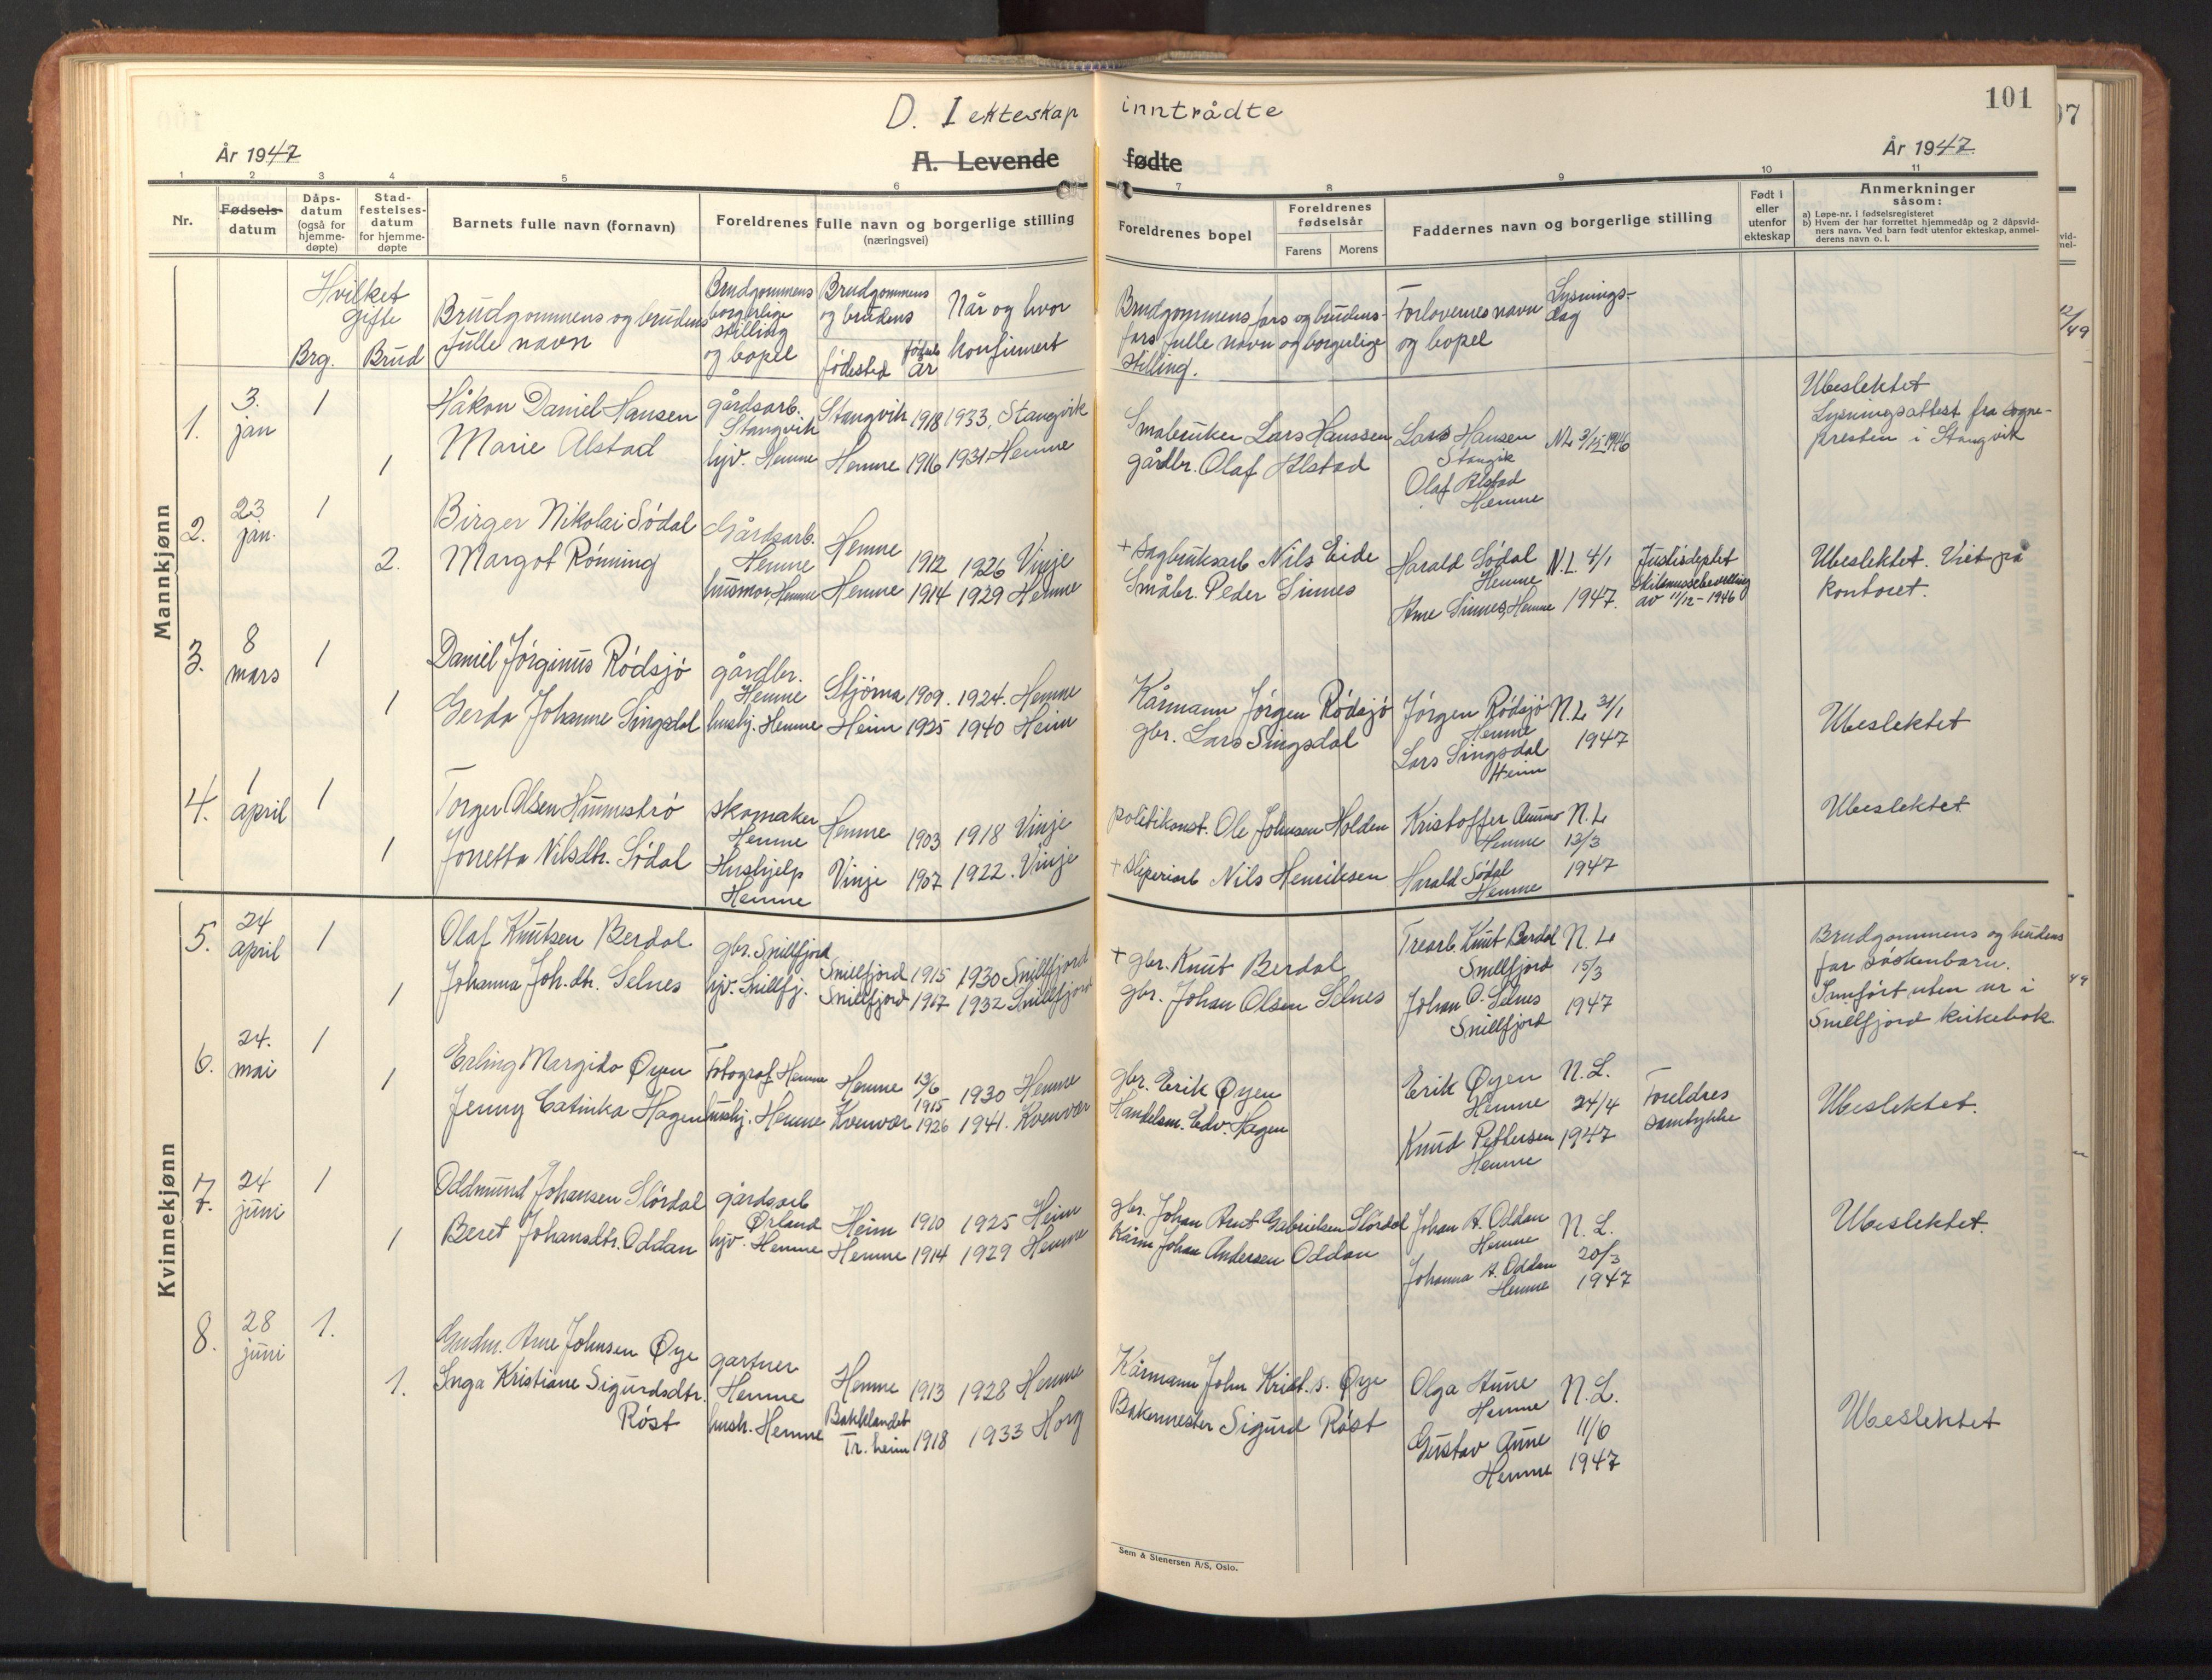 SAT, Ministerialprotokoller, klokkerbøker og fødselsregistre - Sør-Trøndelag, 630/L0508: Klokkerbok nr. 630C06, 1933-1950, s. 101